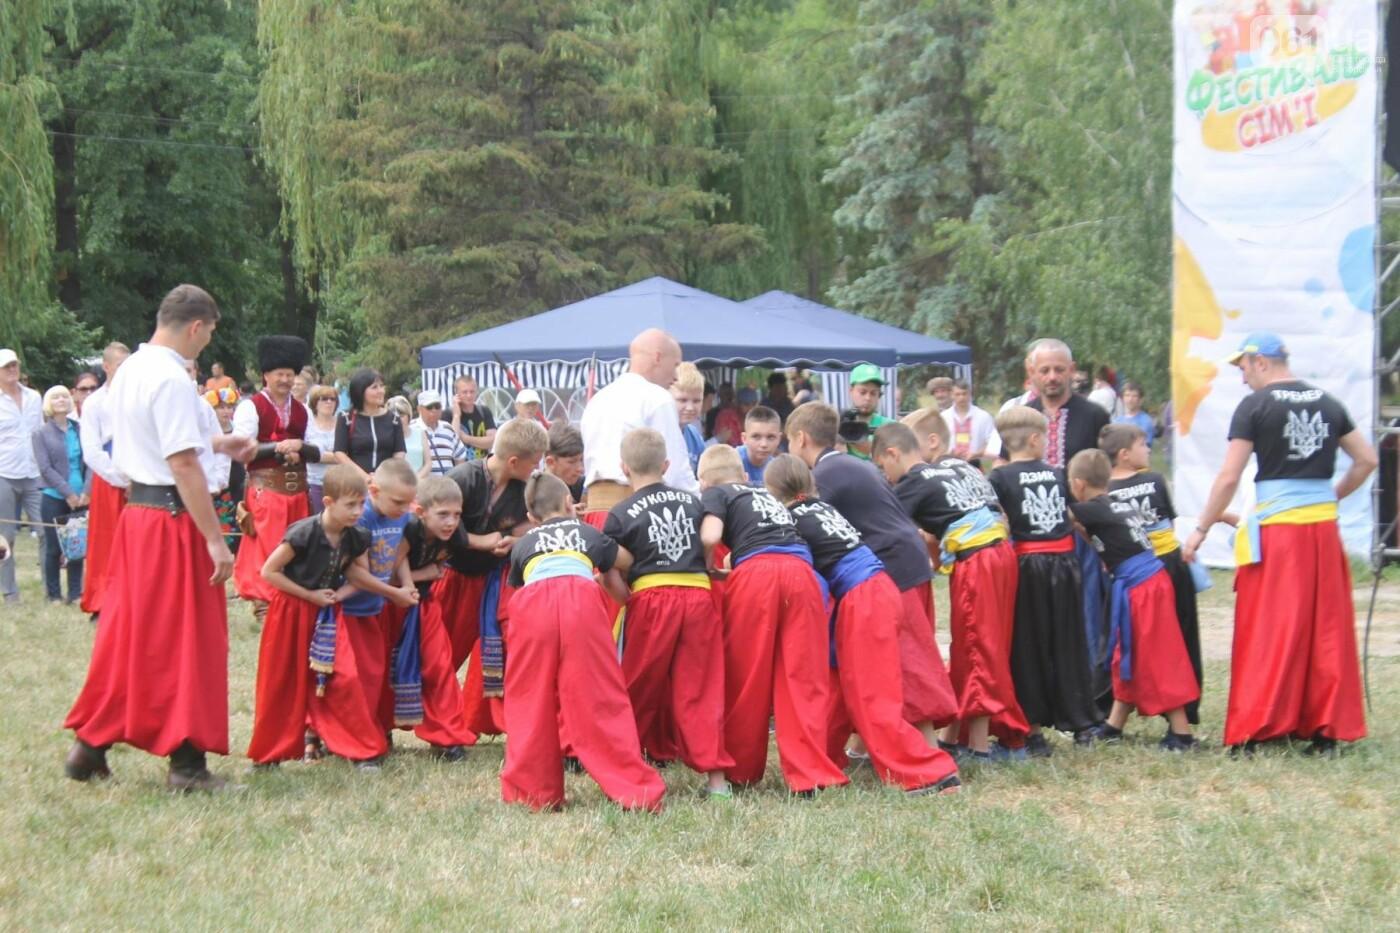 «Лава на лаву», борьба на поясах и ярмарка вышиванок: как в Запорожье прошли всеукраинские казацкие игры, – ФОТОРЕПОРТАЖ, фото-10